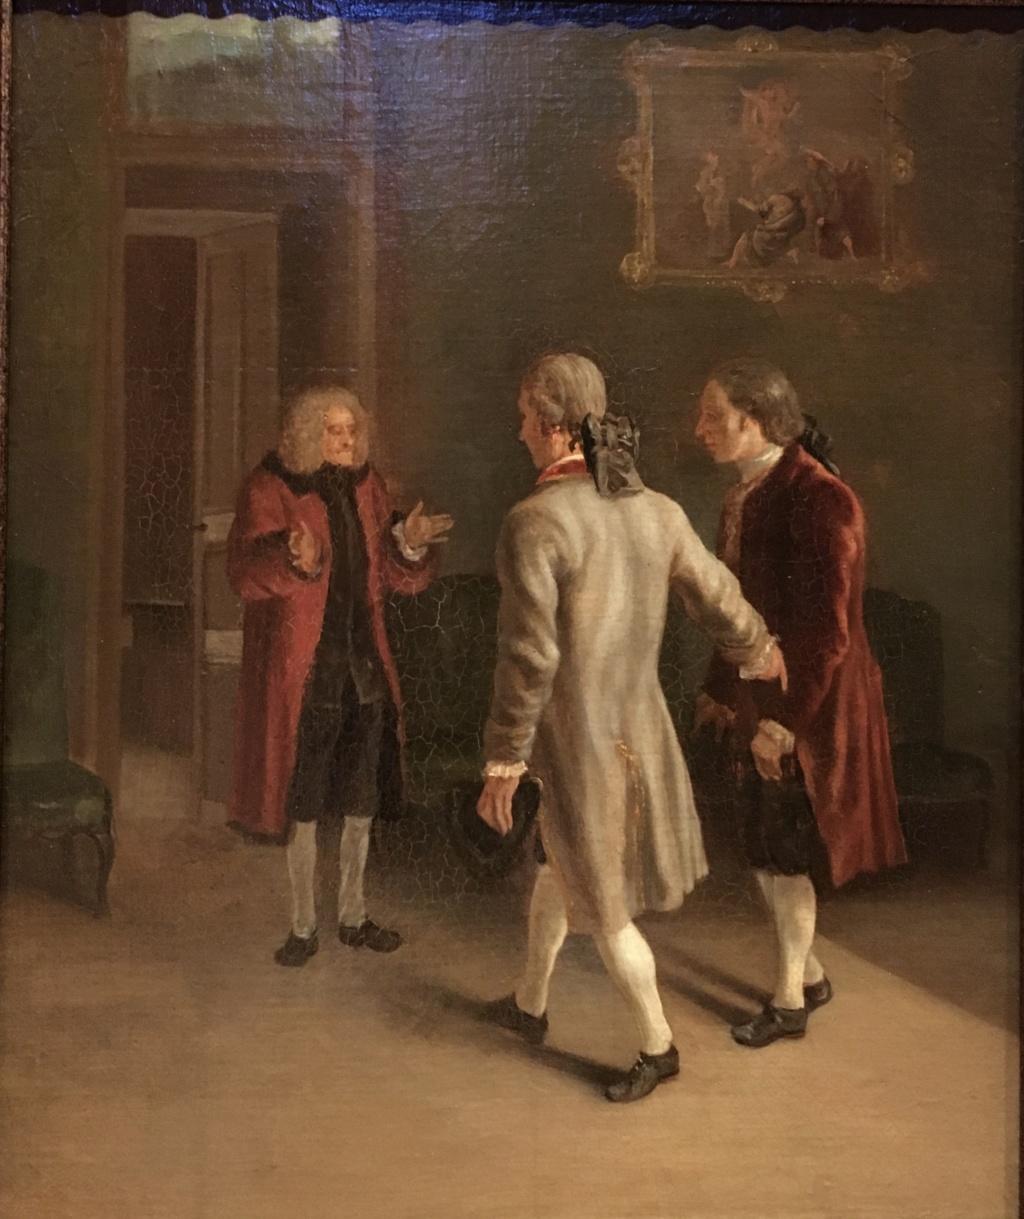 Le Siècle de Louis XIV, Voltaire historien de la modernité 82476610